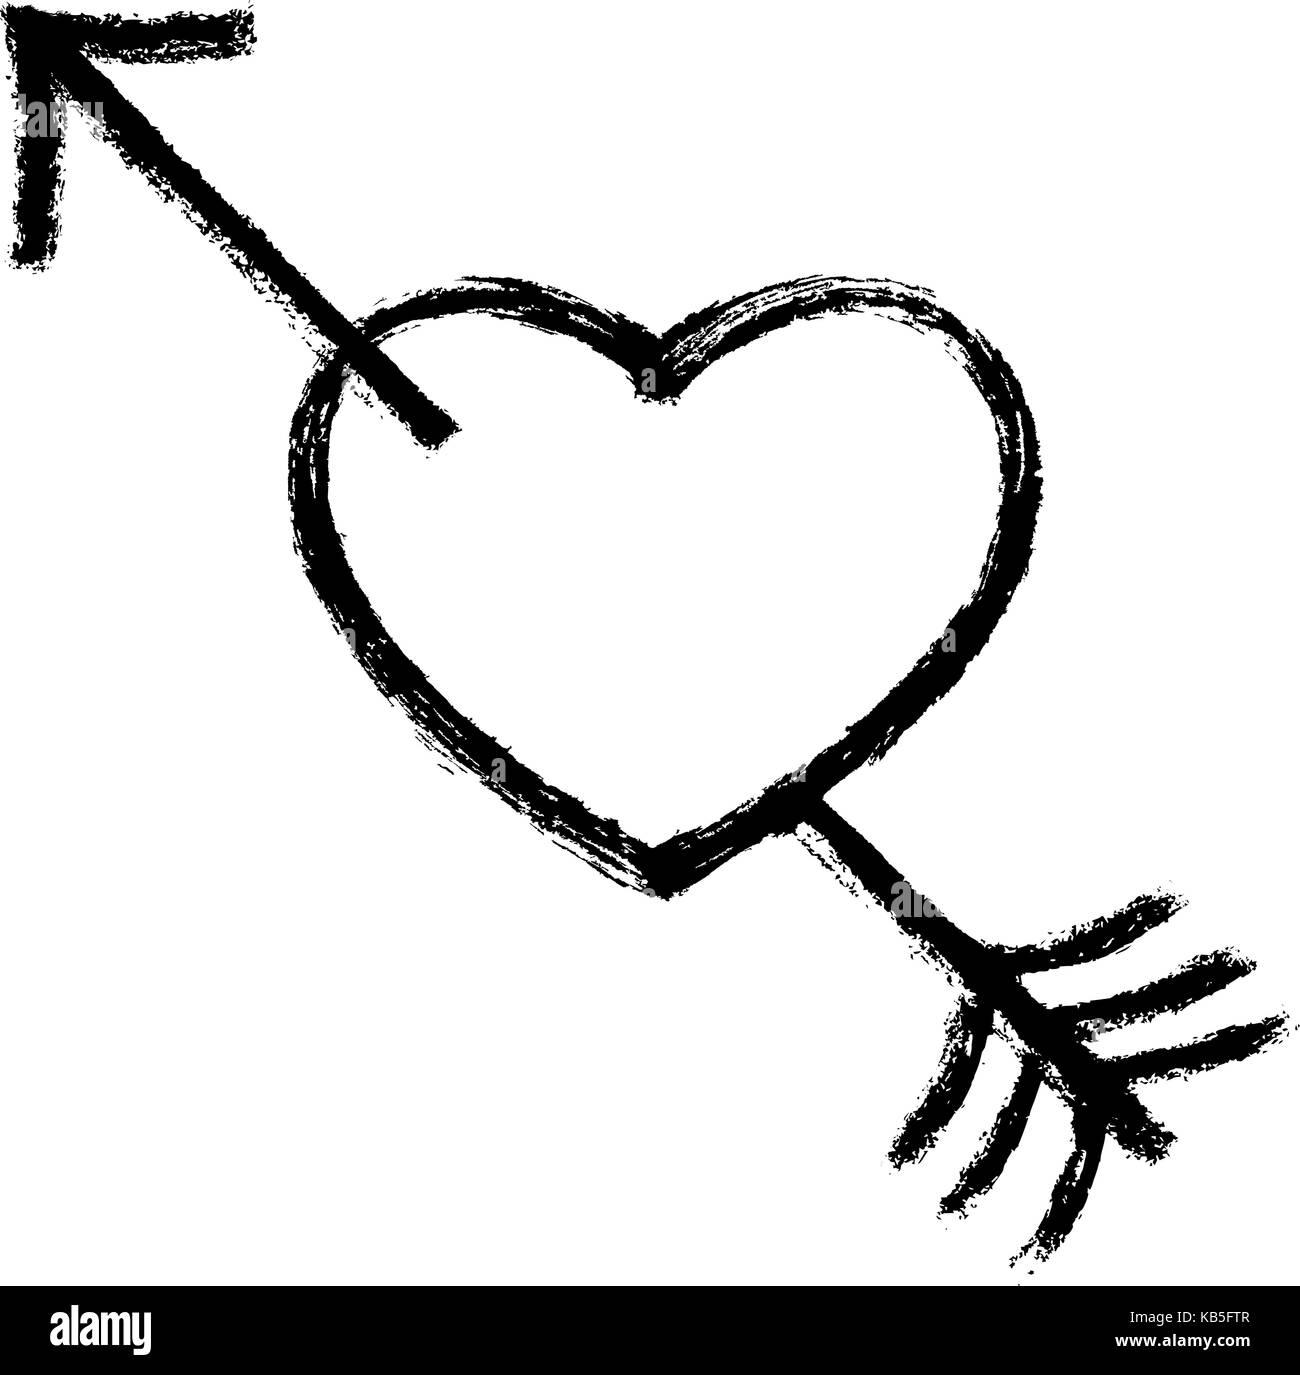 Verwenden Sie es in Ihren Entwürfen. Schwarzes Herz von einem Pfeil durchbohrt. Beliebtes Symbol mit Textur Stockbild